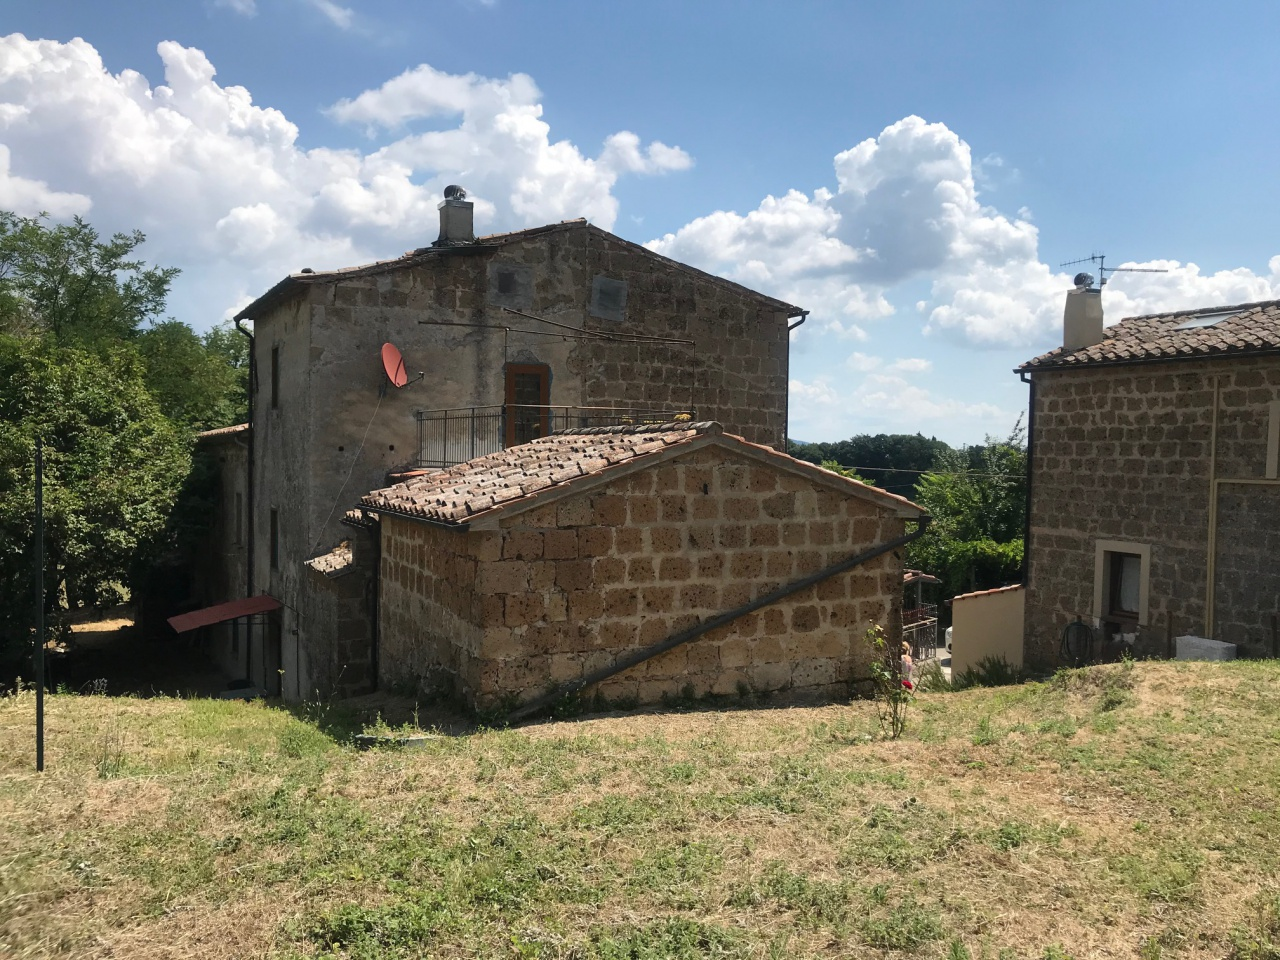 Rustico / Casale in vendita a Proceno, 6 locali, prezzo € 65.000 | CambioCasa.it